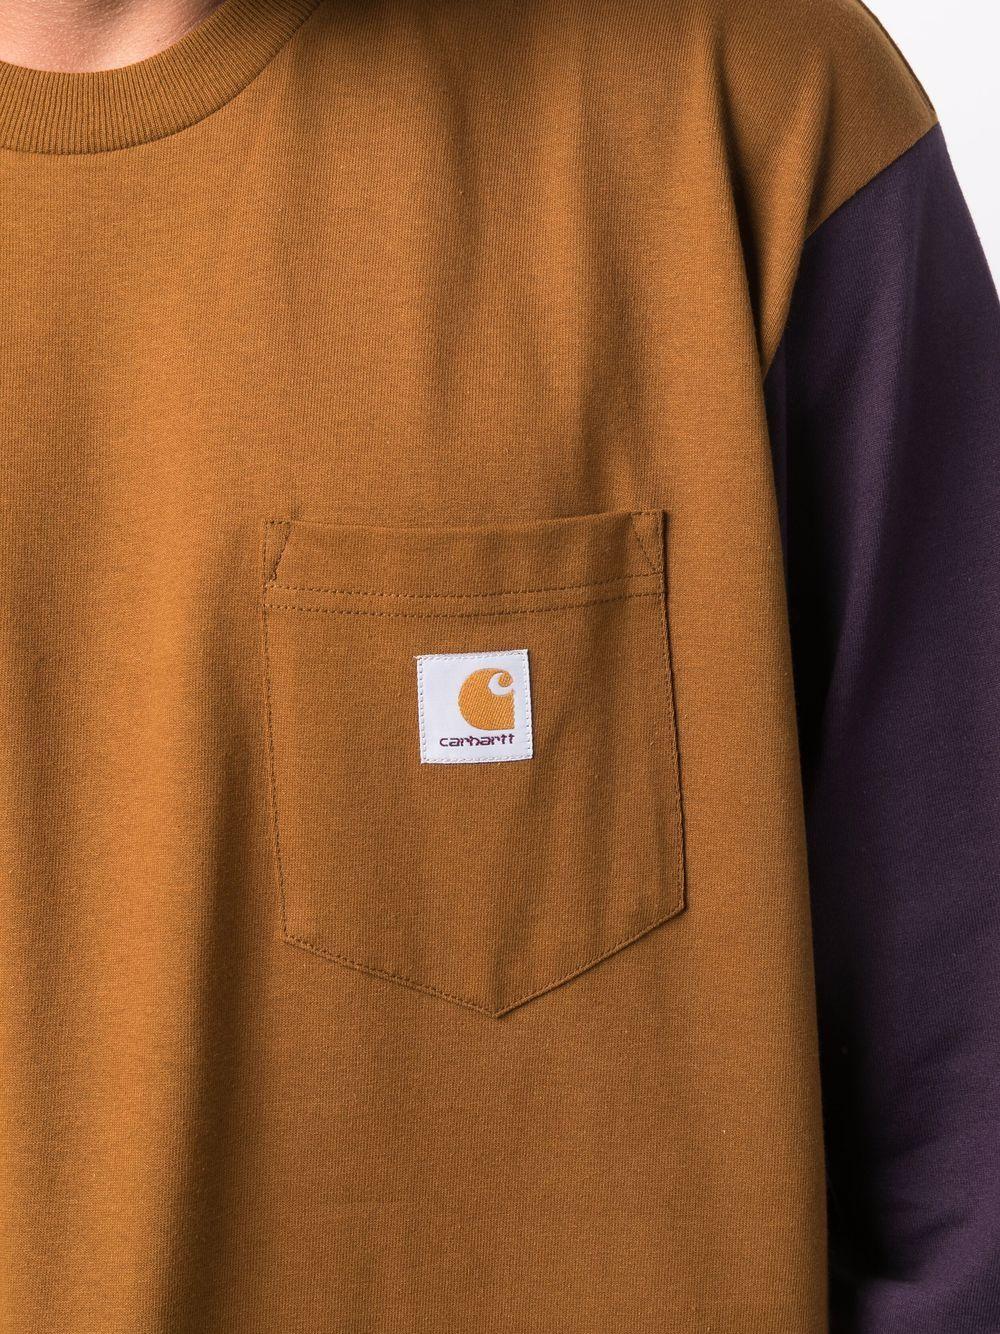 t-shirt a manica lunga uomo marrone in cotone CARHARTT WIP   T-shirt   I0295930IF.XX